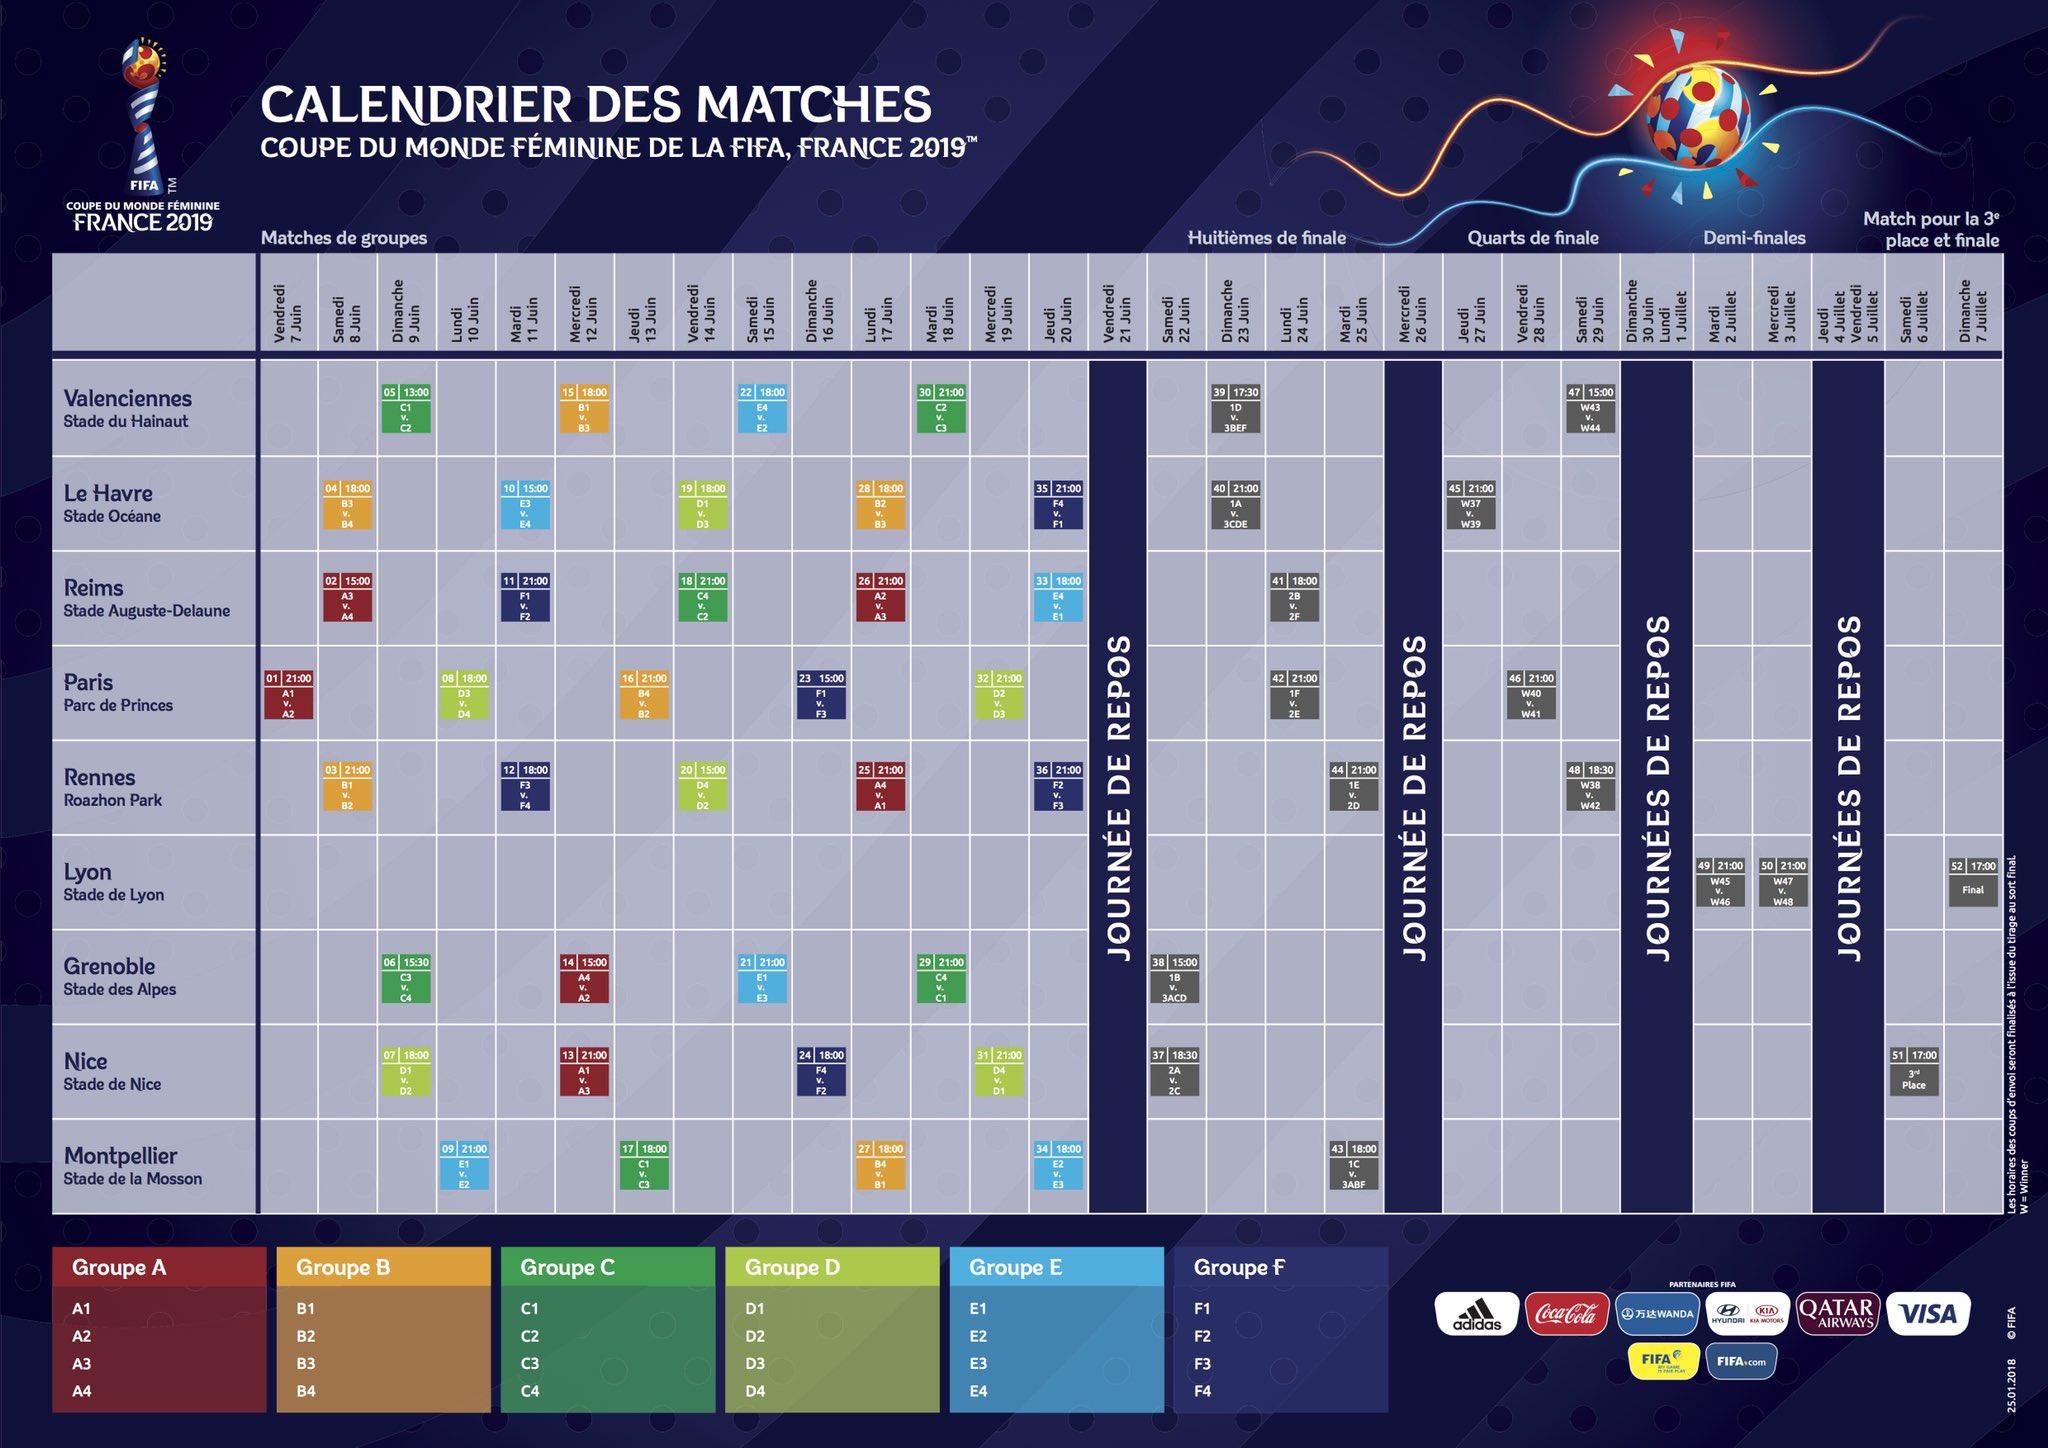 Coupe du Monde 2019 - Le calendrier : les Bleues à PARIS, NICE et RENNES